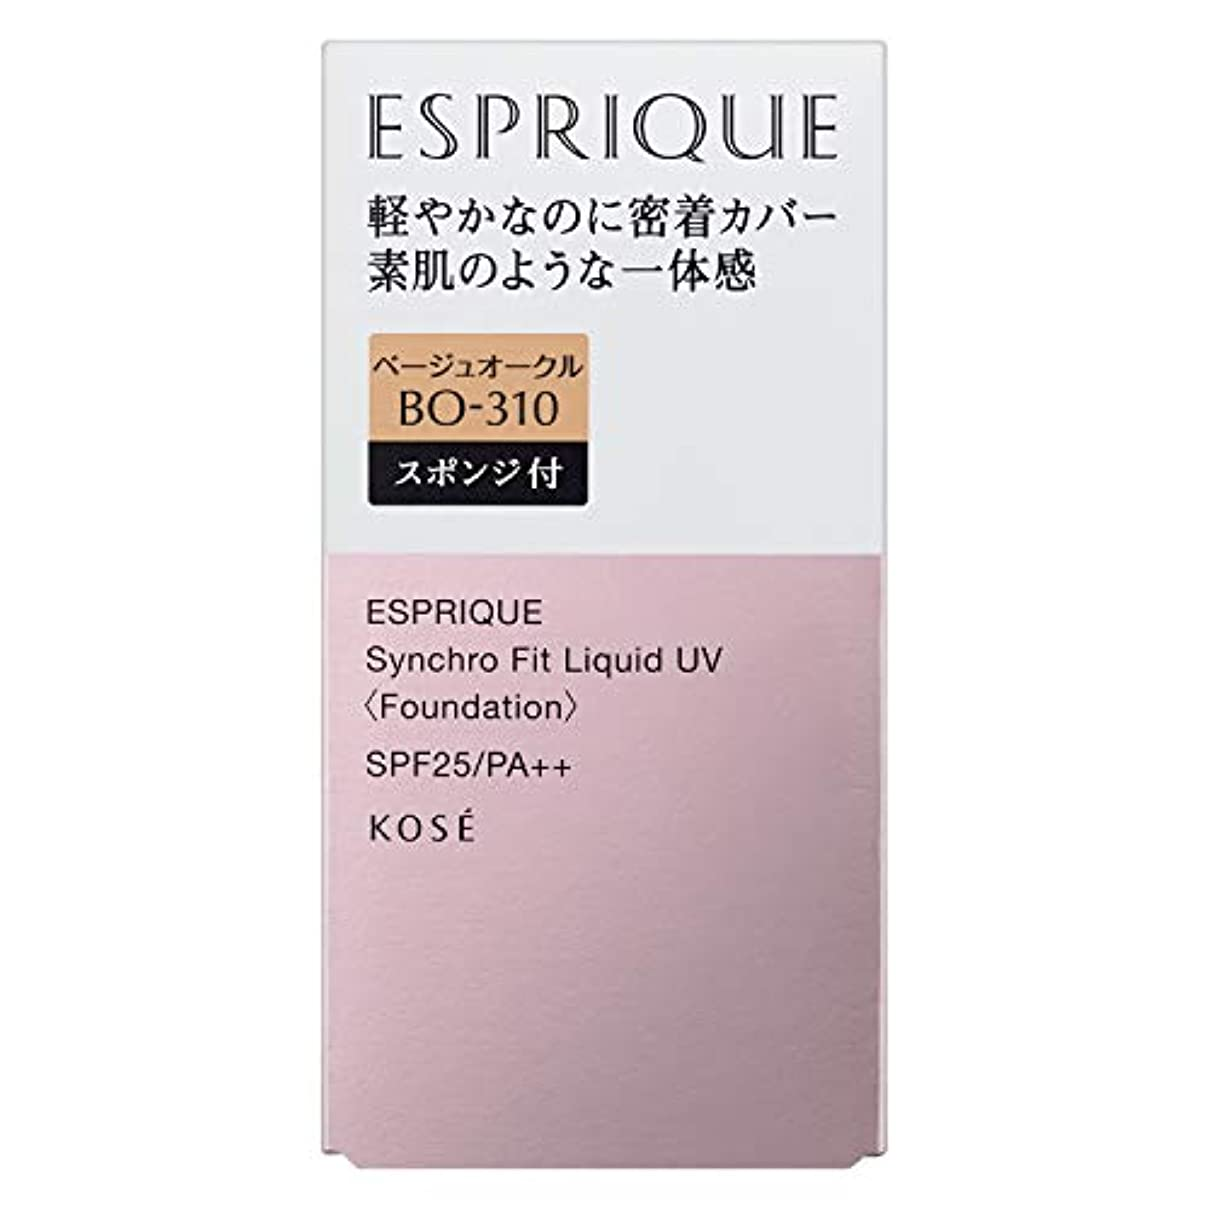 クリケットとは異なり言語学ESPRIQUE(エスプリーク) エスプリーク シンクロフィット リキッド UV ファンデーション 無香料 BO-310 ベージュオークル 30g